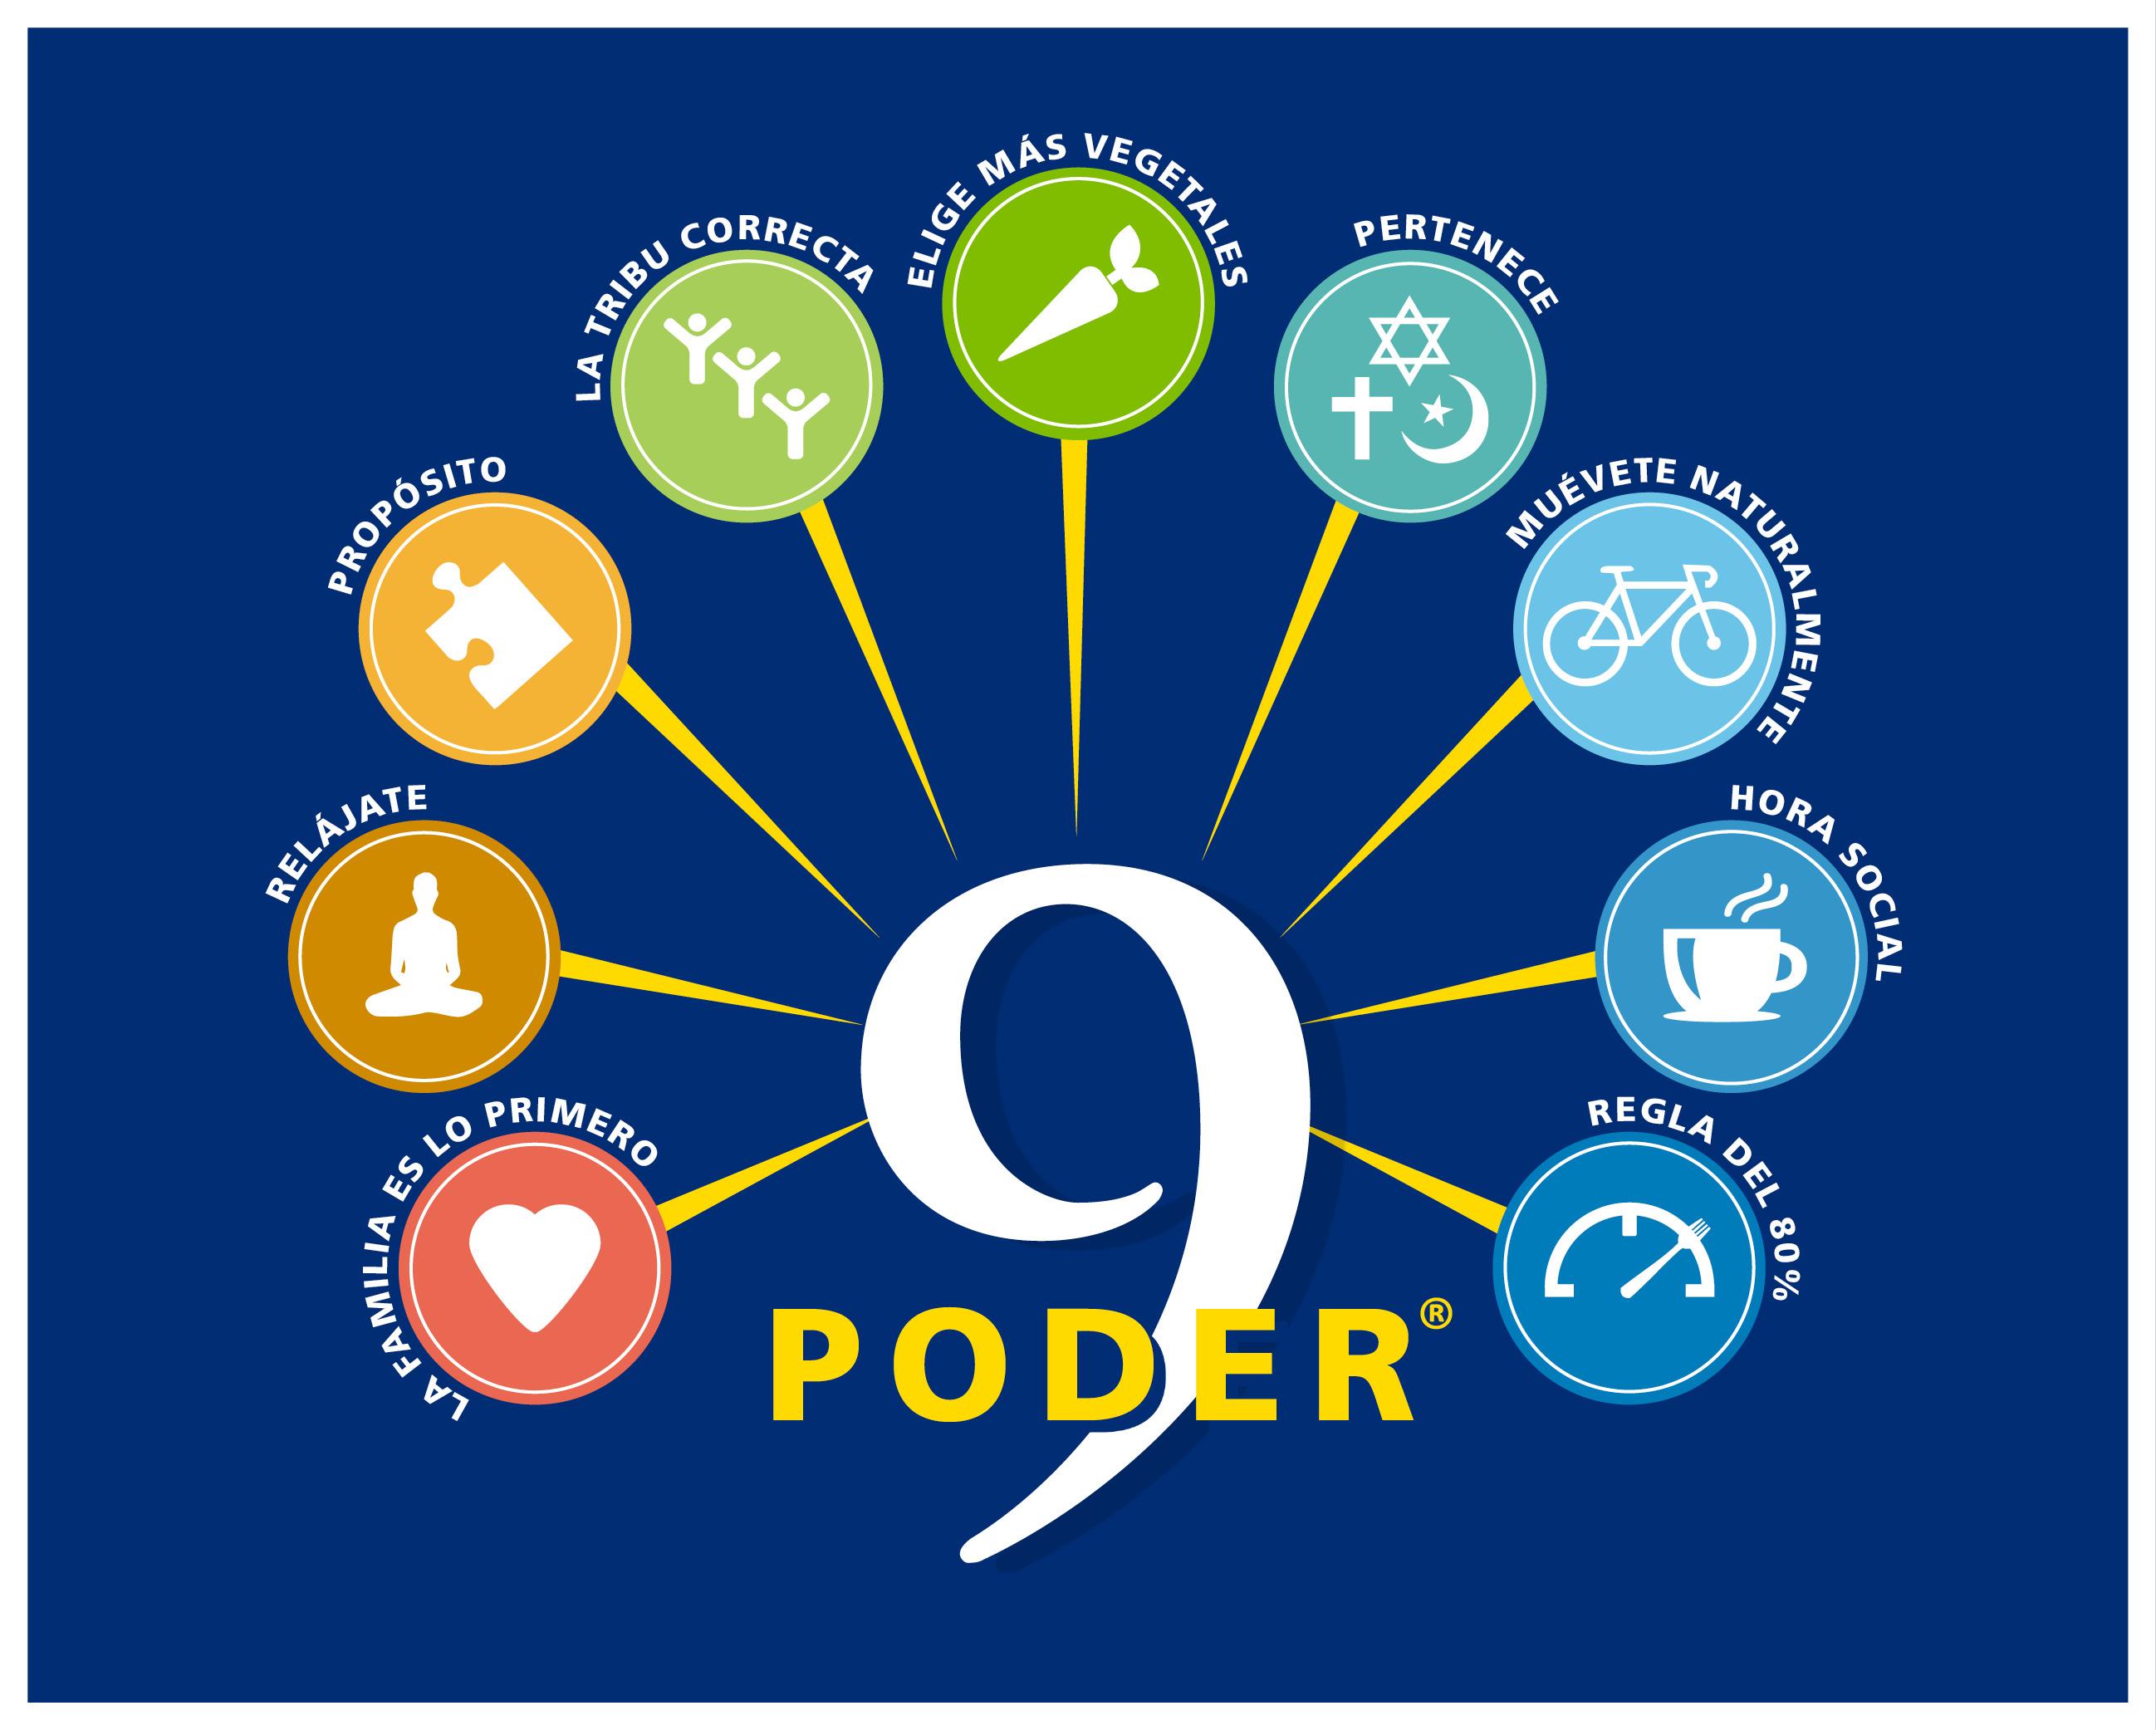 PowerUPpart2_homepage_spanish